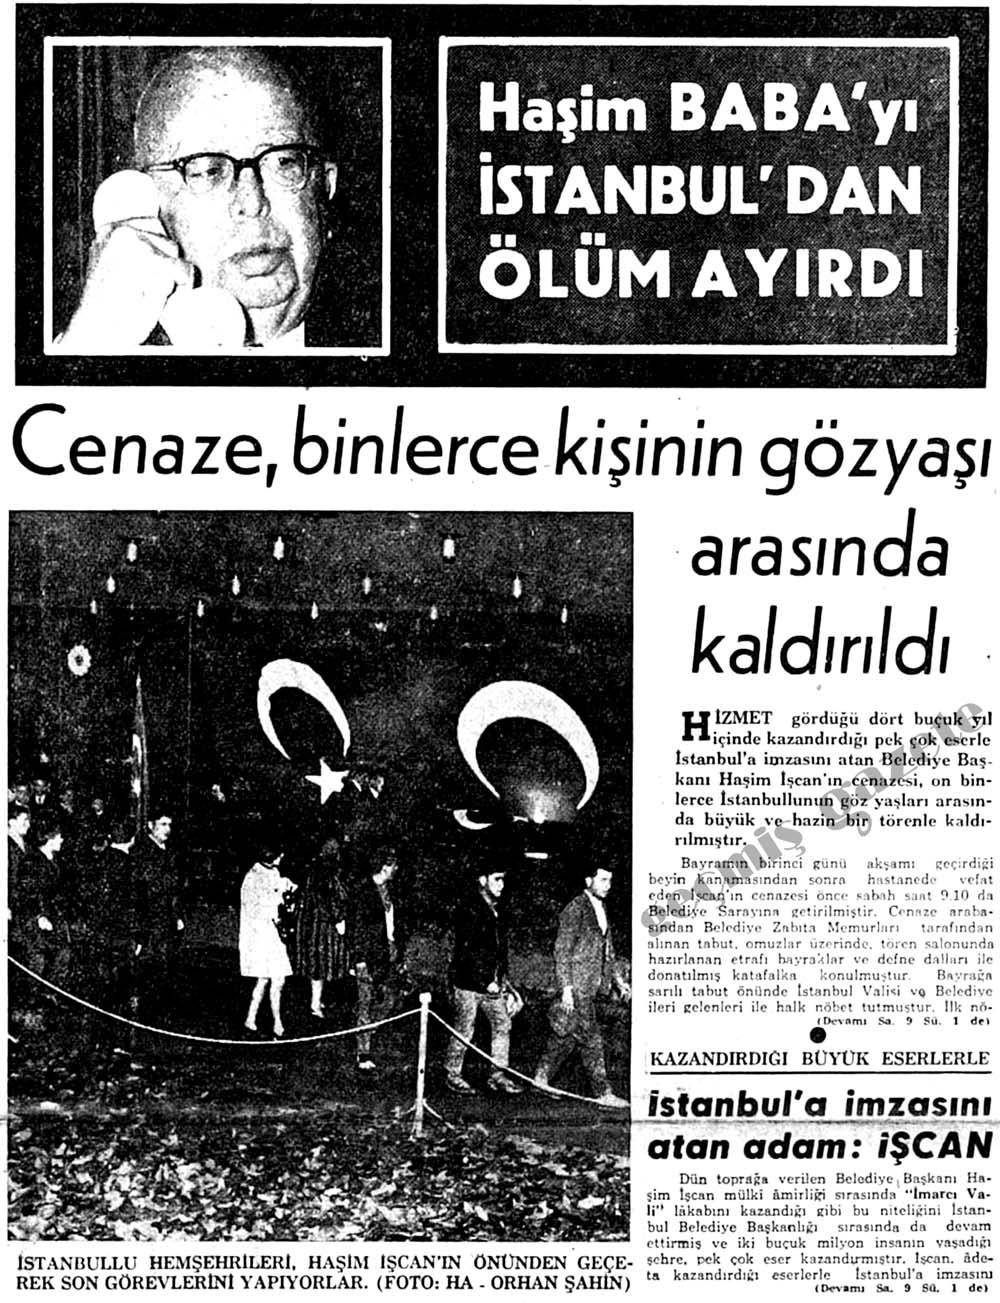 Haşim BABA'yı İstanbul'dan ölüm ayırdı